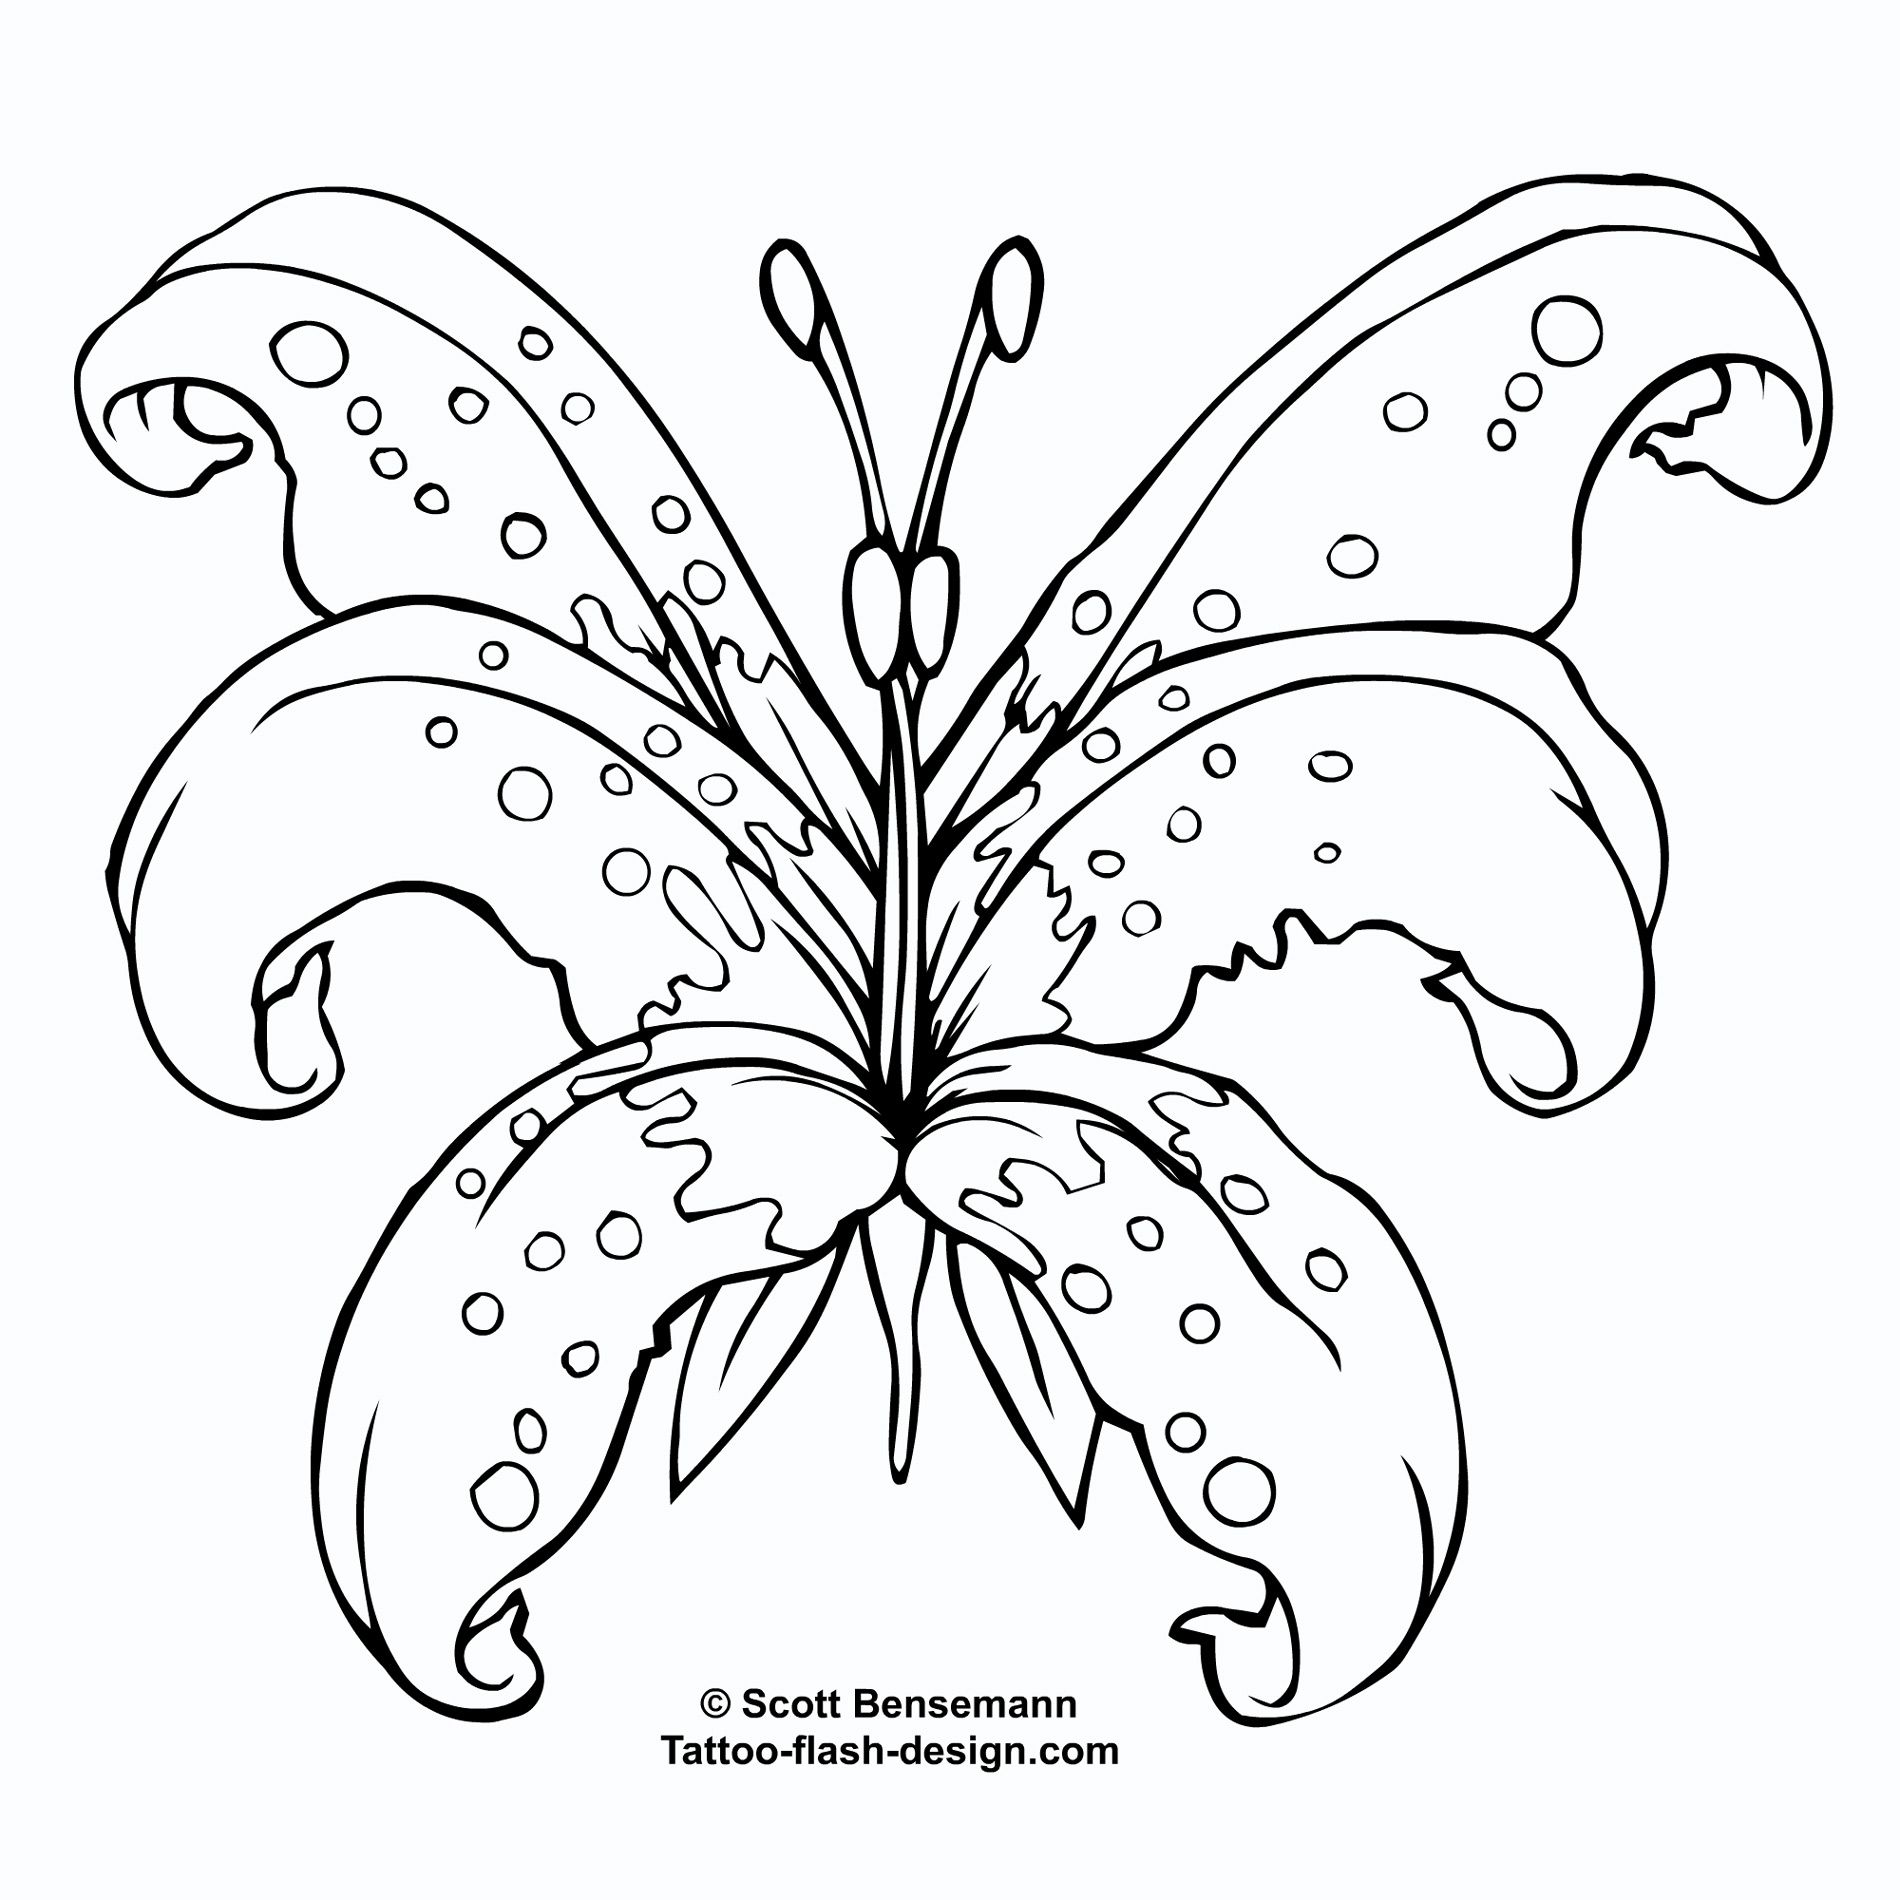 orchid tattoo stencil tattoo supplies tattoo ideas tattoo making supplies. Black Bedroom Furniture Sets. Home Design Ideas